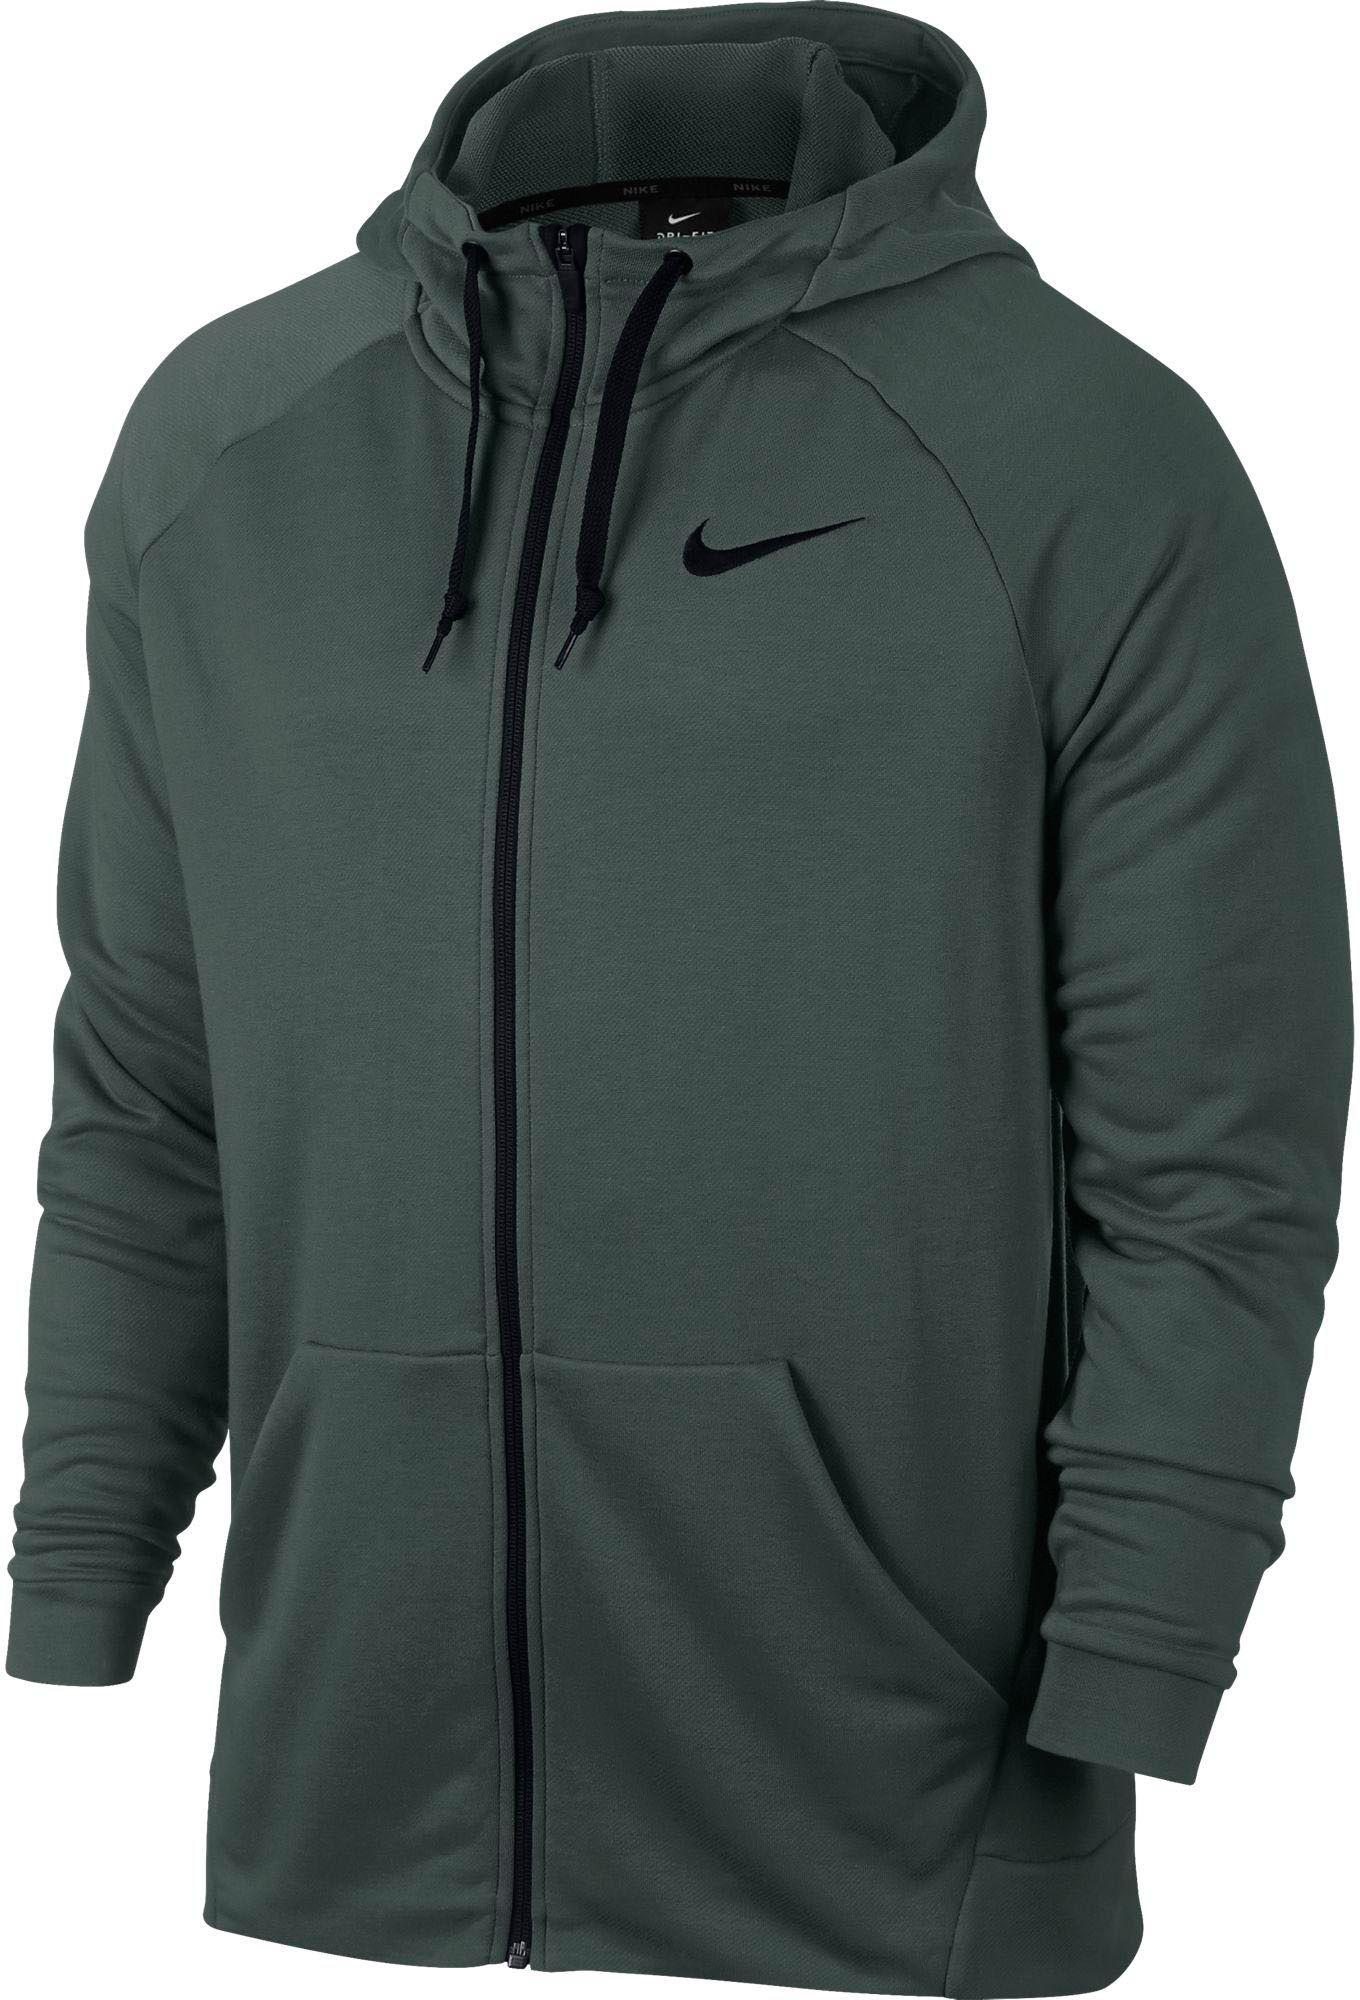 Men's Fleece Jackets & Sweaters | DICK'S Sporting Goods